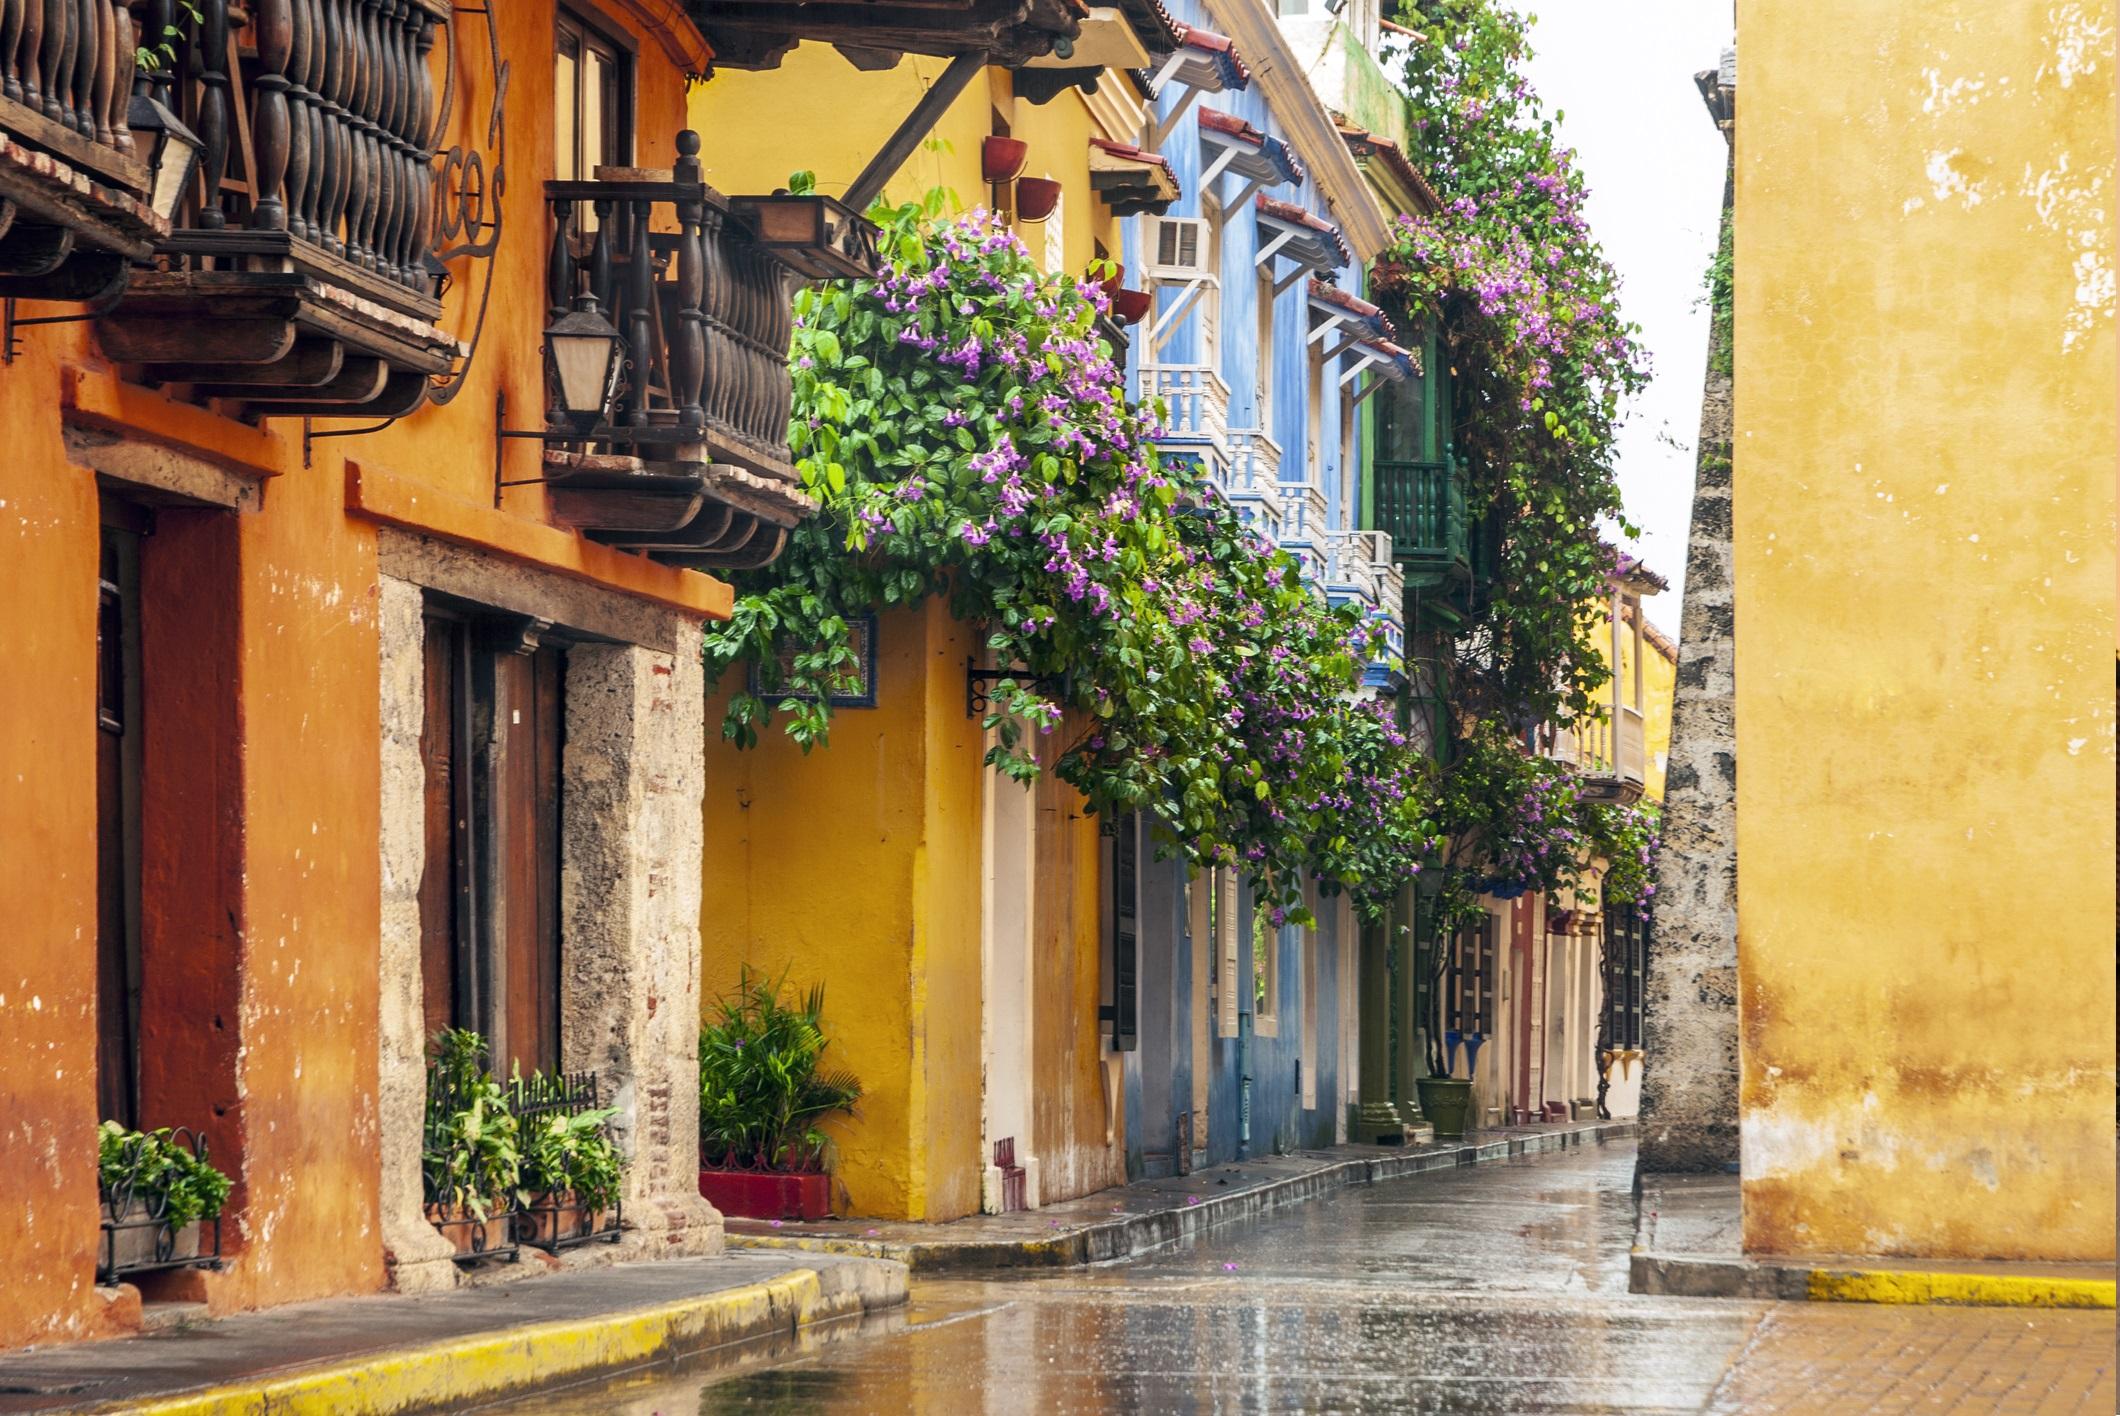 <p><strong>Картахена, Колумбия</strong></p>  <p>Очарователно красив град Картахена - бивша испанска колония показва градски план с европейски подробности и история. Лимоненожълти къщи с дървени балюстради в андалуски стил седят до калдъръмени настилки и дворове с гъсти лози. Това в крайна сметка е град с бутикова красота.</p>